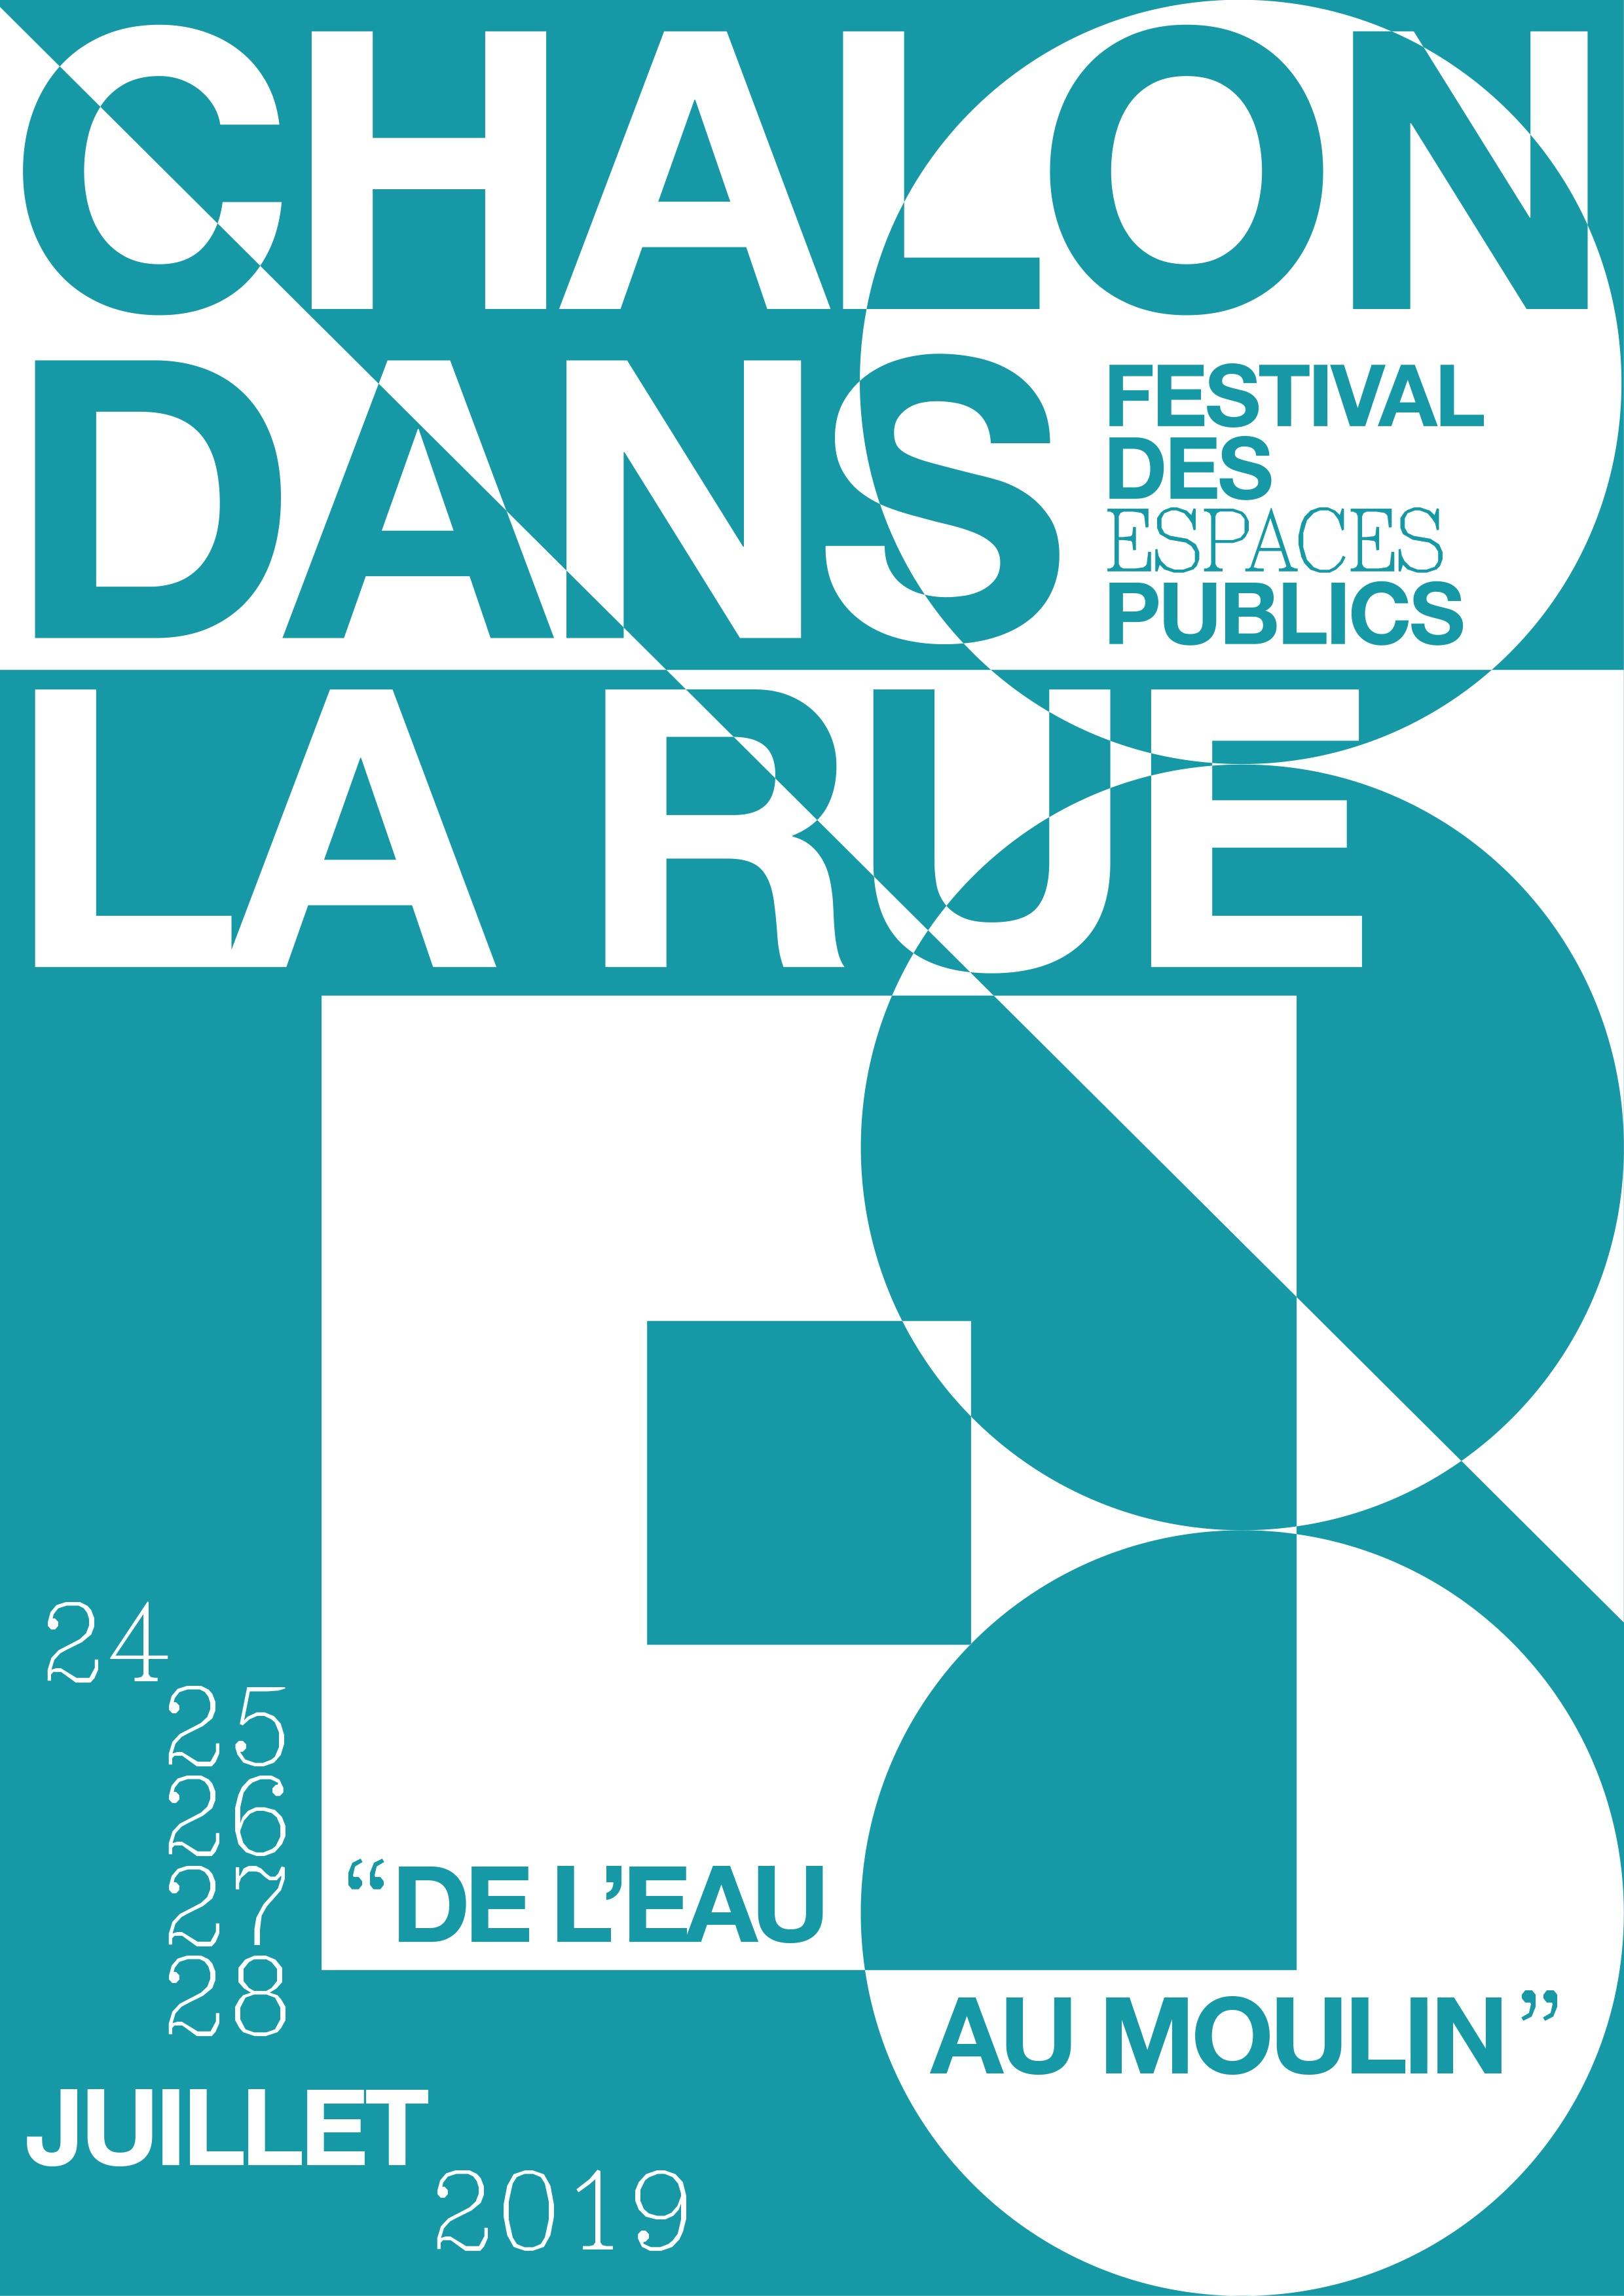 Affiche-A3-Chalon-dans-la-Rue-2019-2